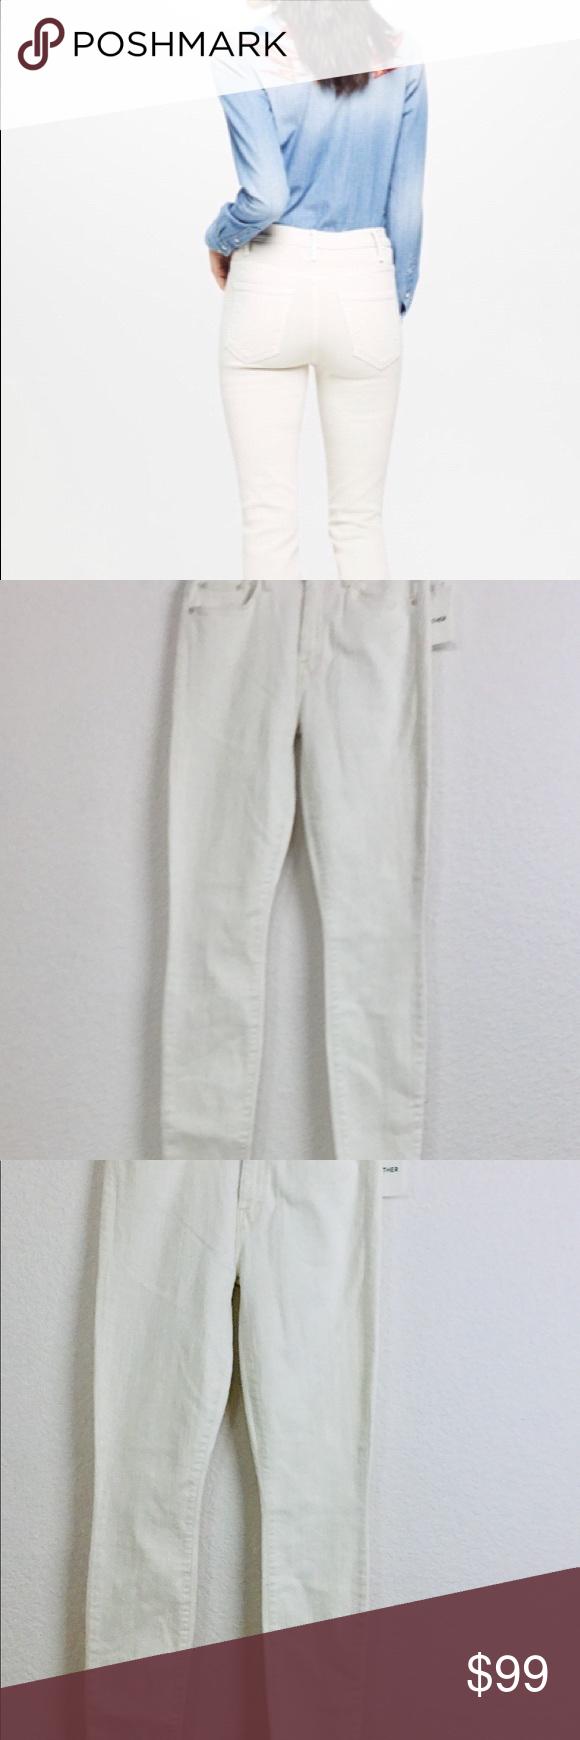 60e0e6cd1a Calça Jeans Detalhe Borboletas - Chicote Jeans   Calças Chicote Jeans    Skinny Jeans, Jeans e Pants